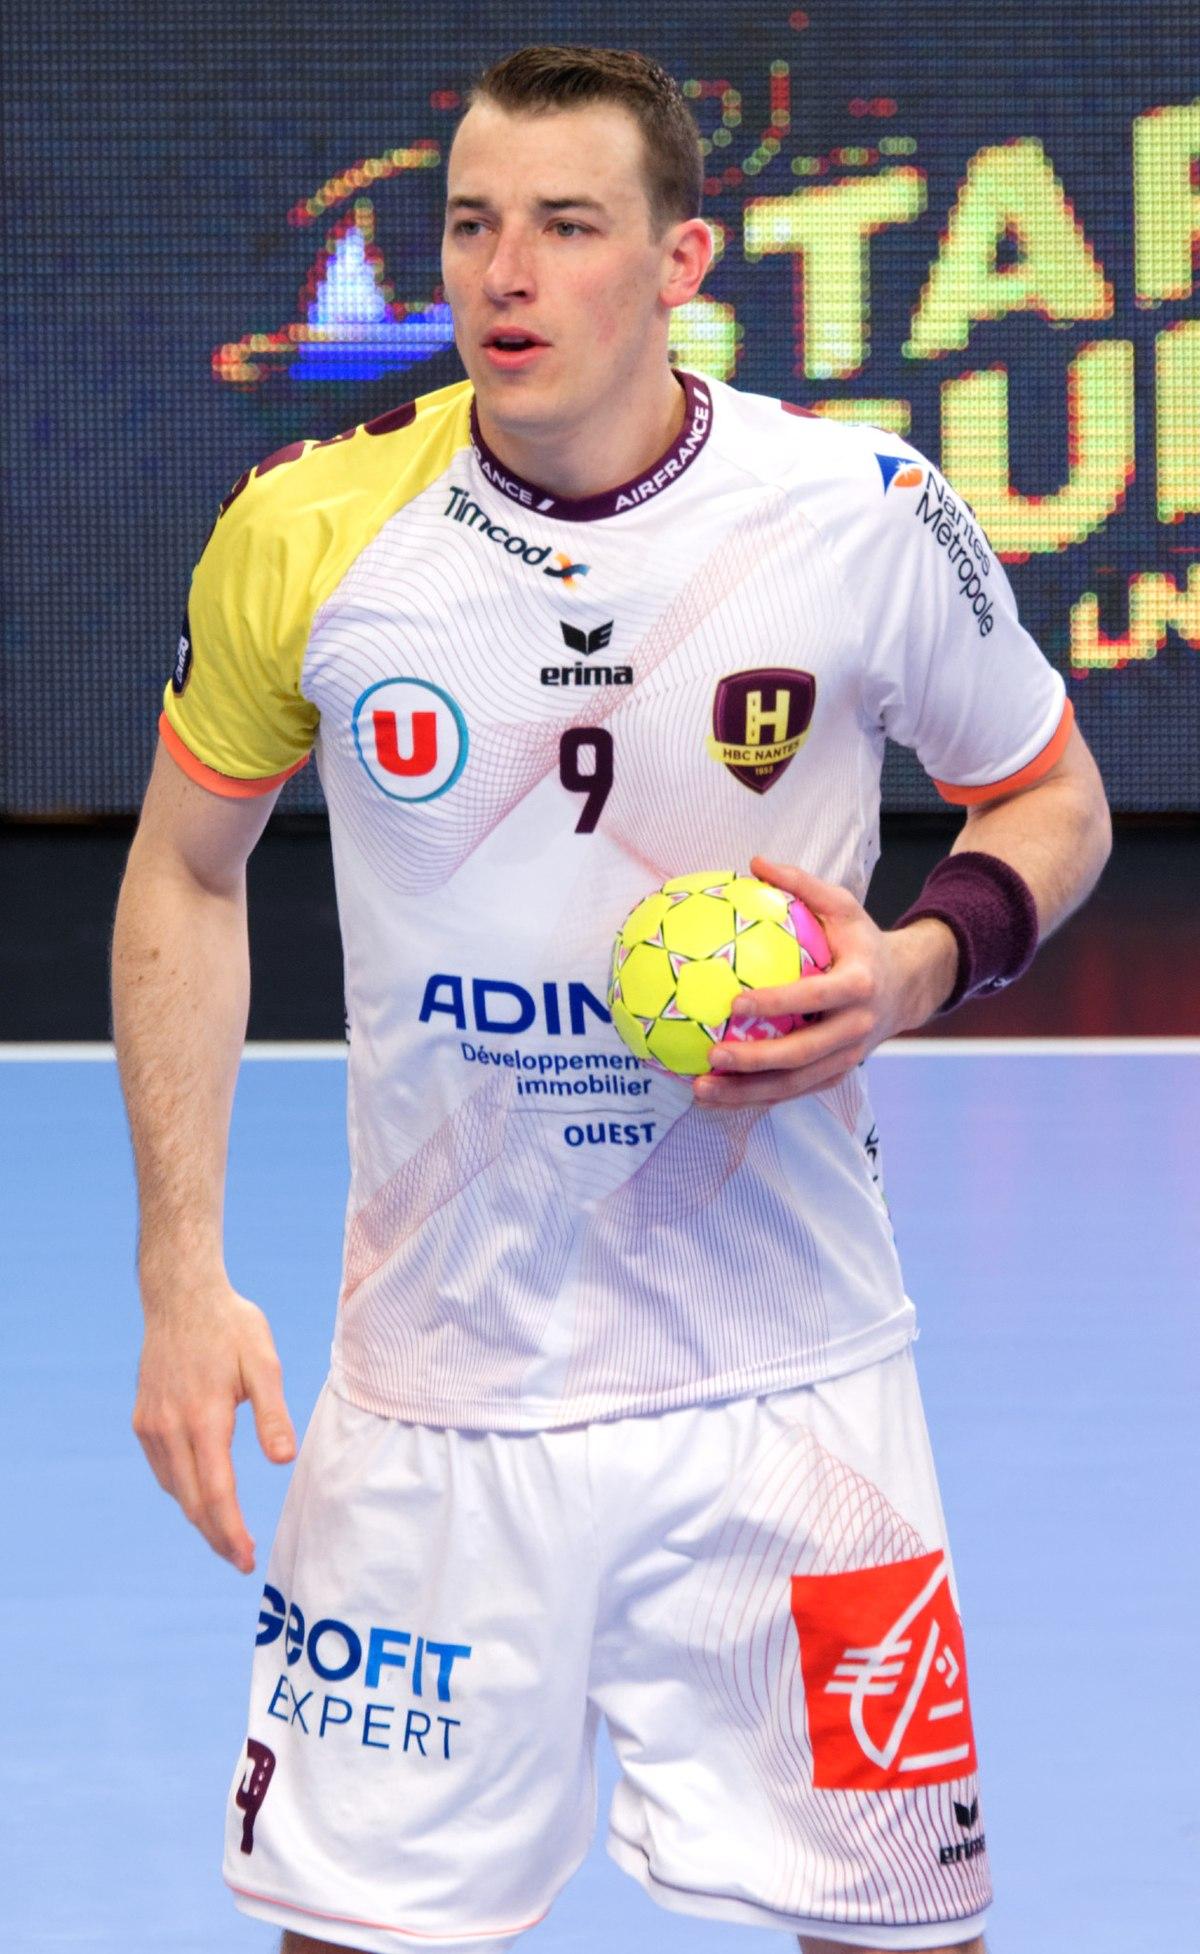 Klein Dominik